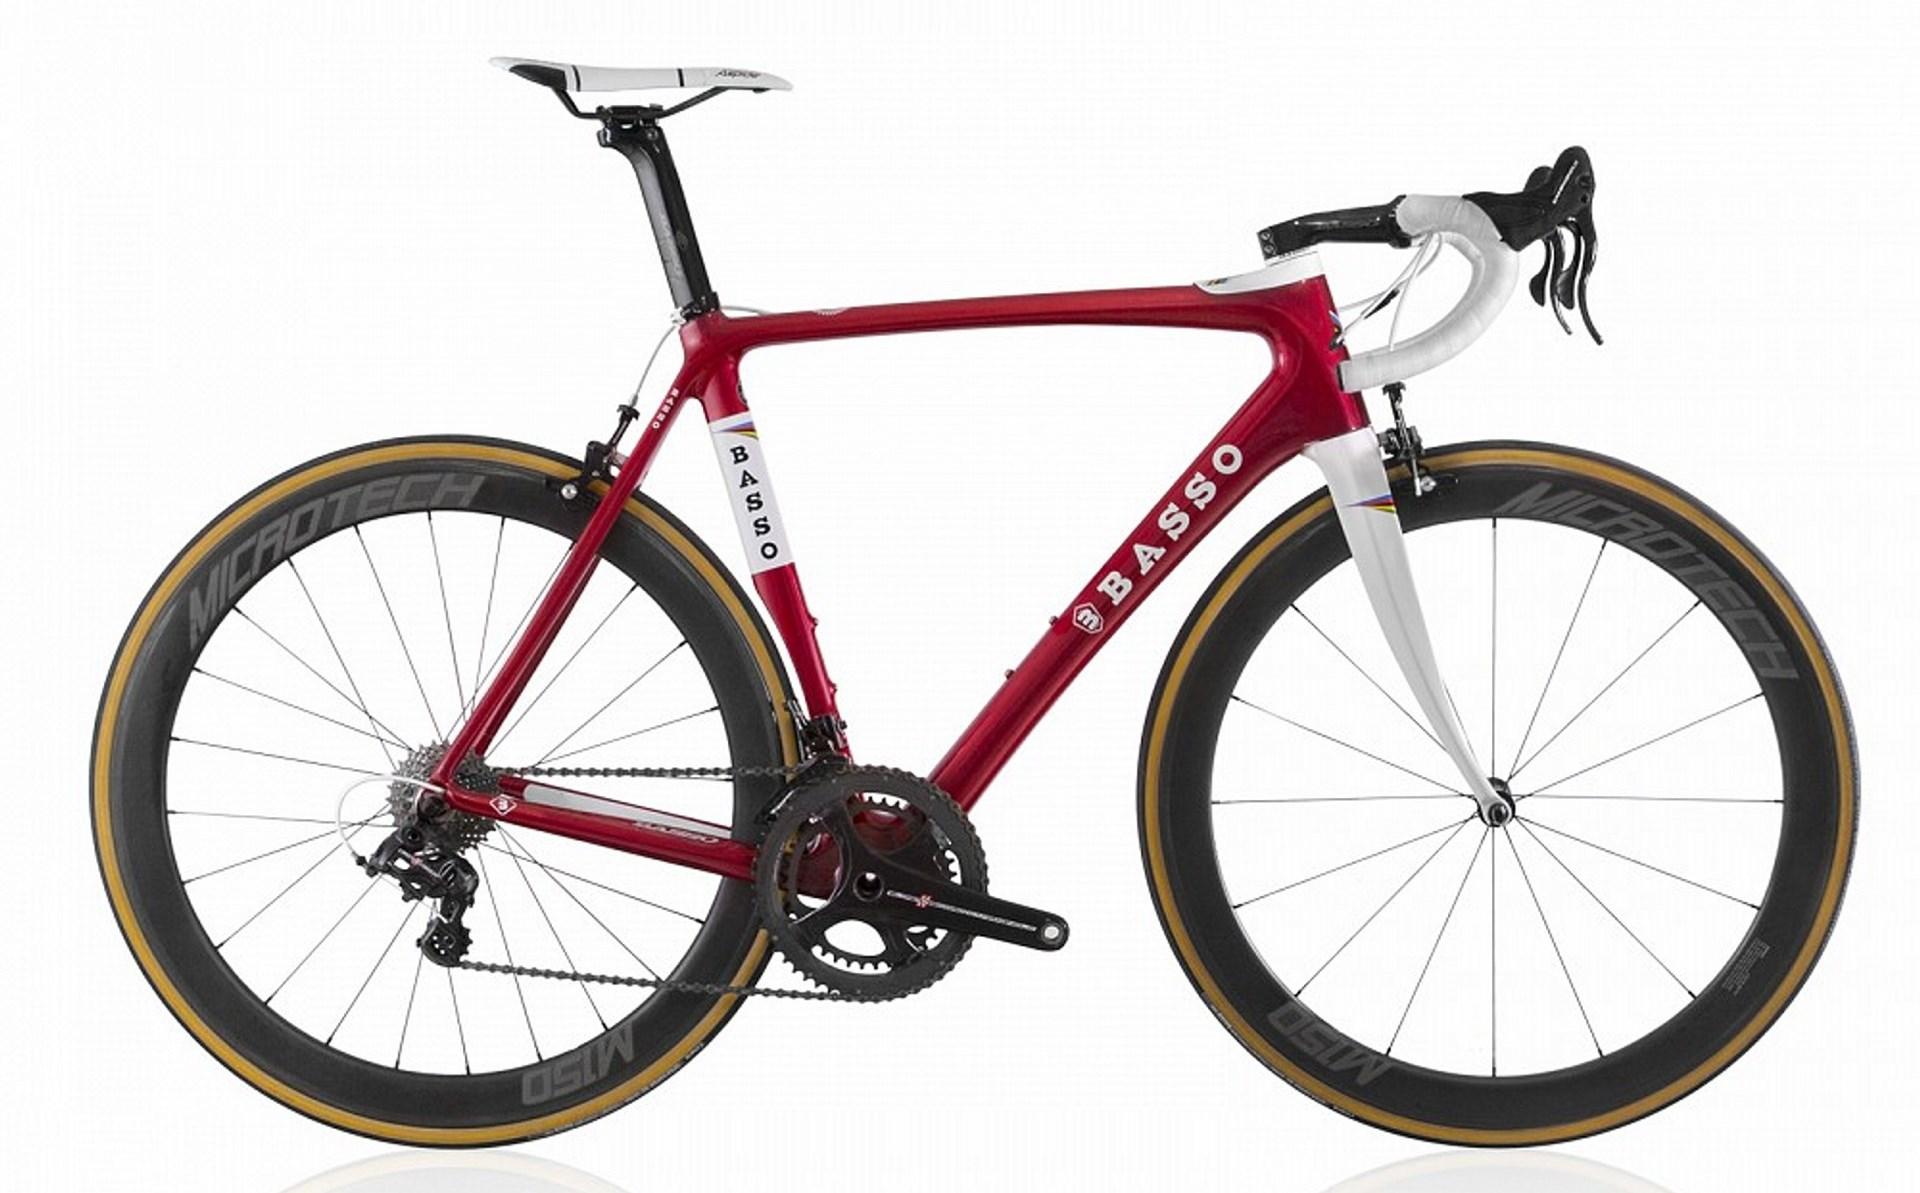 bici basso diamante 40th Edition, vista laterale